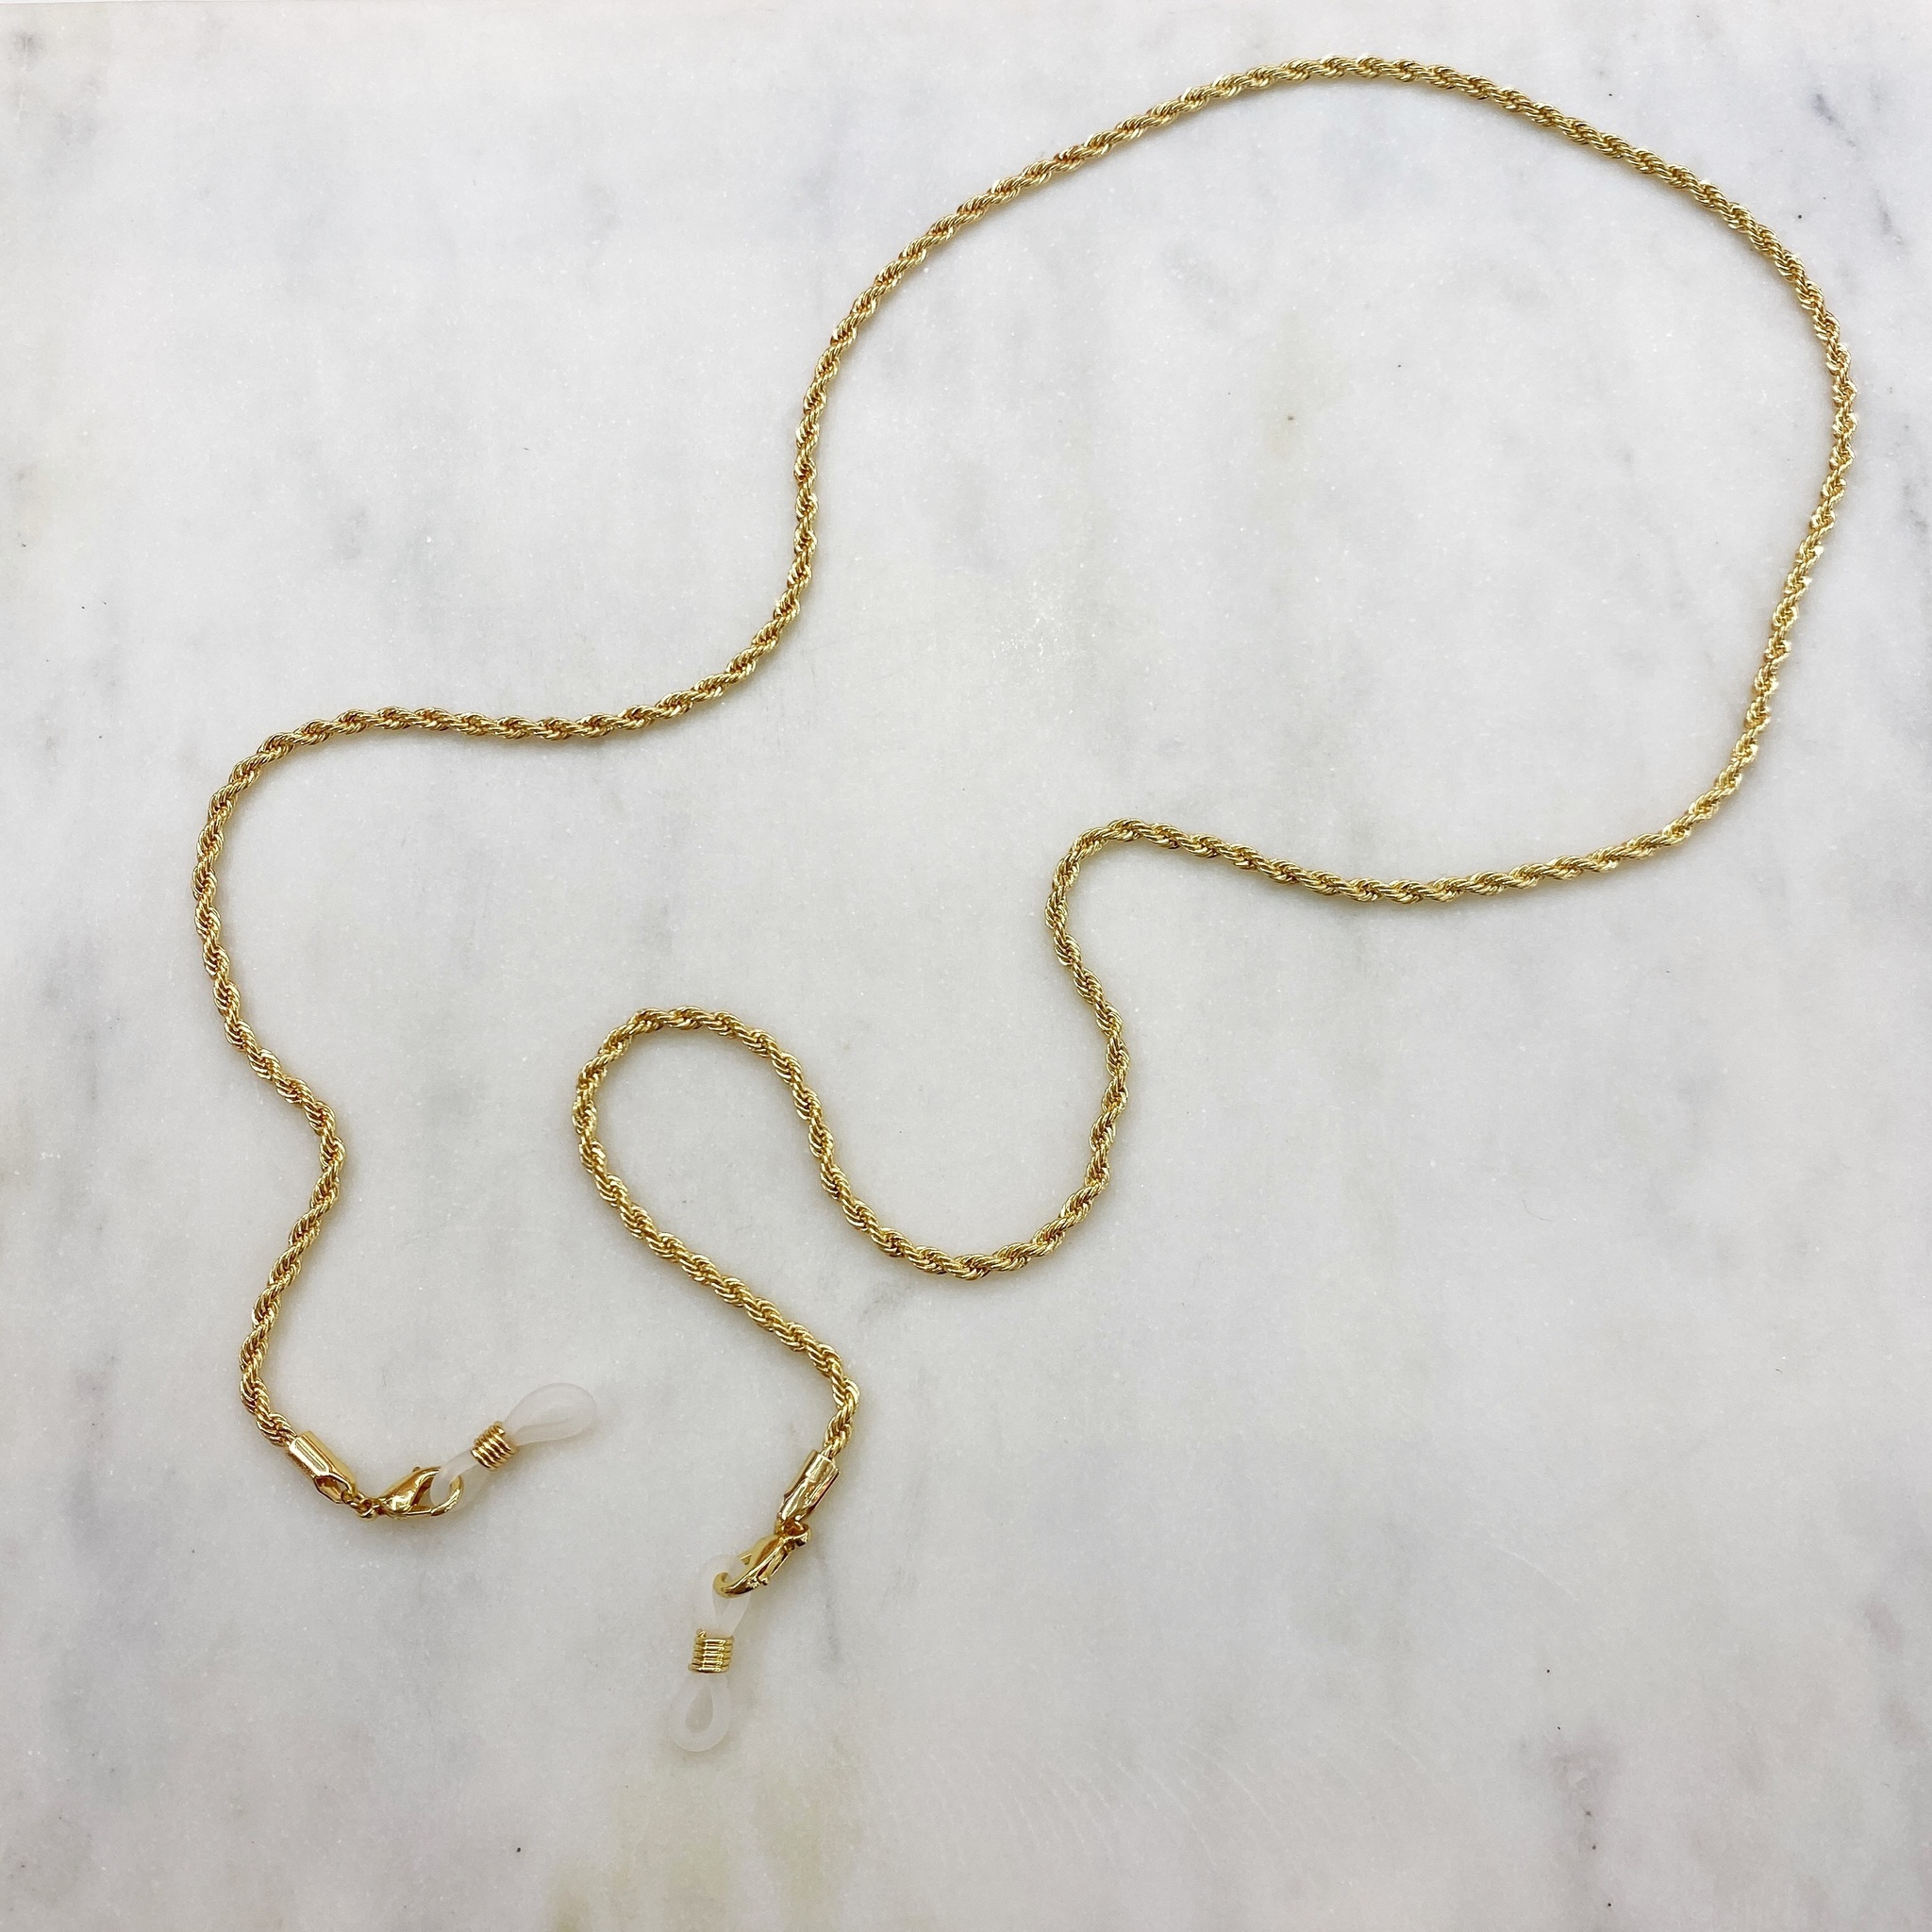 Цепь для очков веревочного плетения (золотистый)